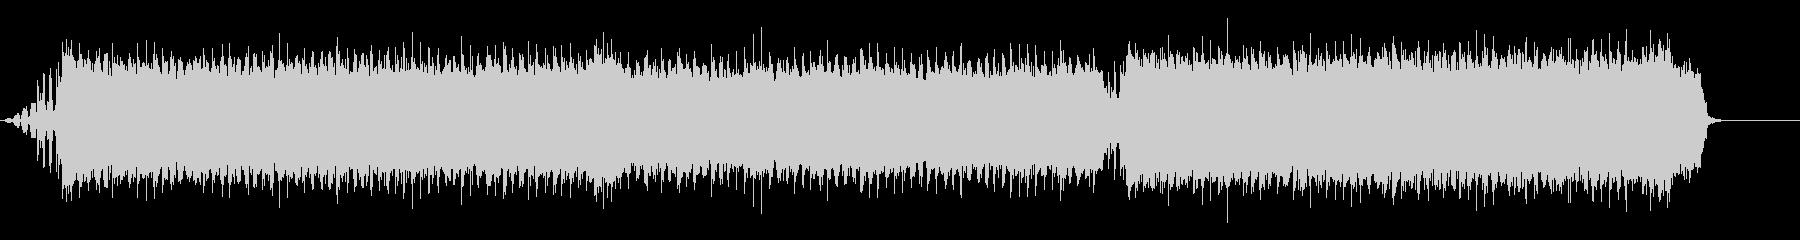 ギター/ストリングス/ファンファーレ01の未再生の波形